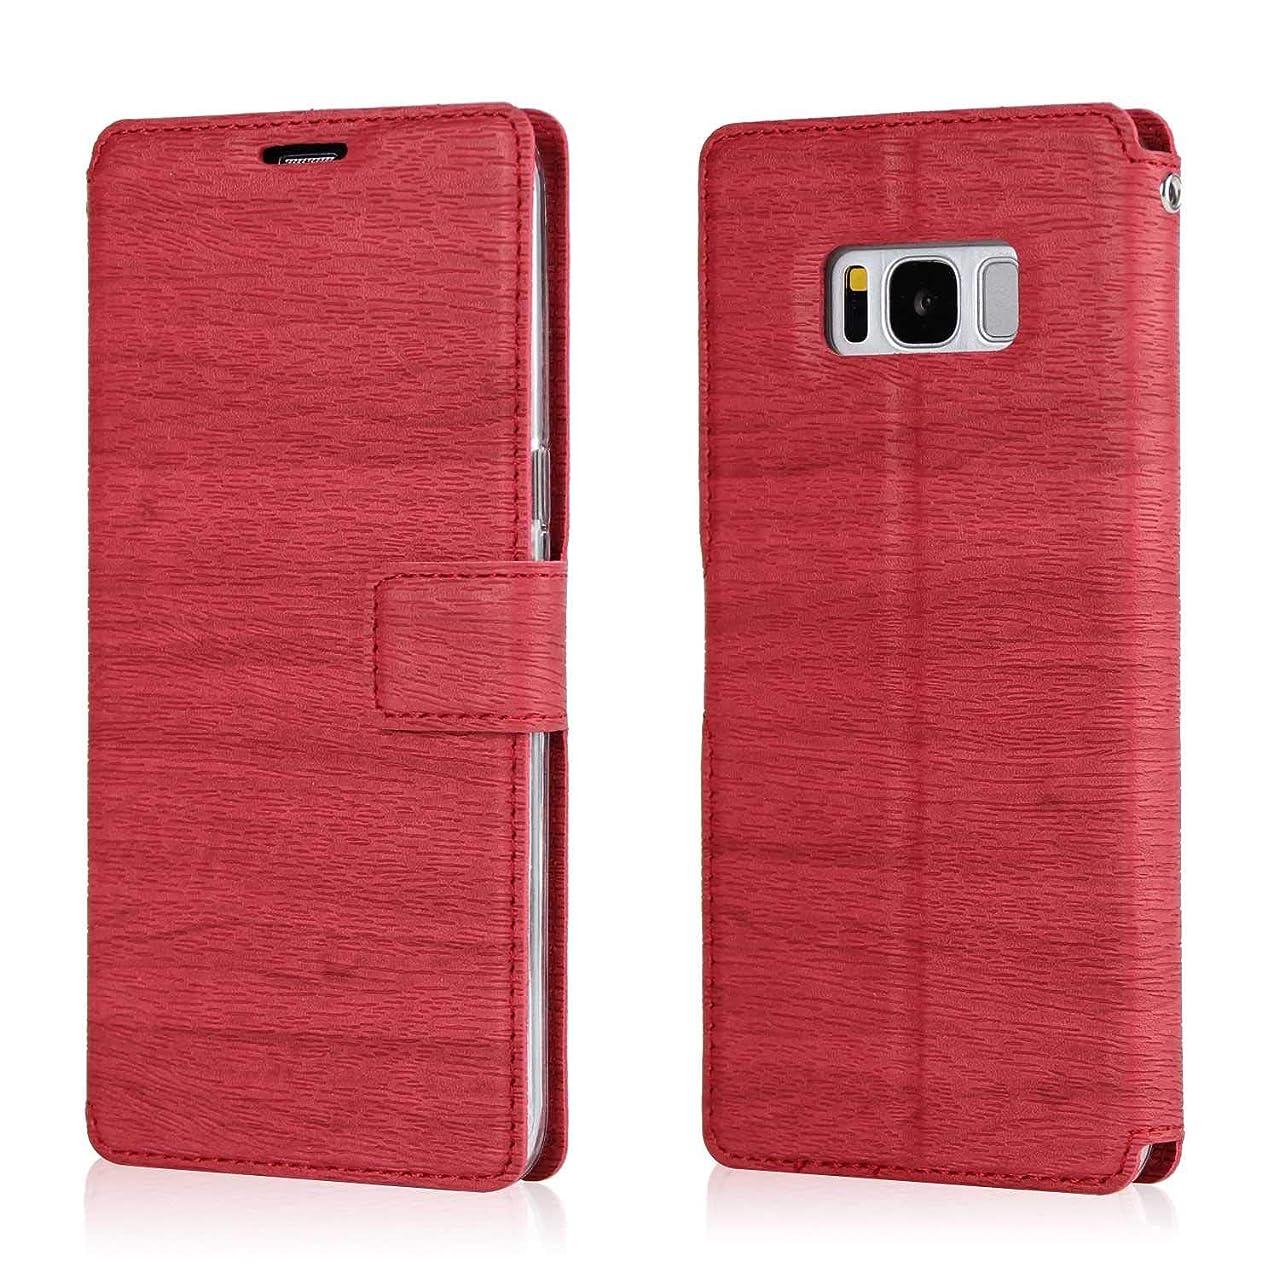 ピッチ意識寝るZeebox? Galaxy S8 Plus ケース, 手帳型 PU レザー財布型カバー, 付きスタンド機能 カード収納付 Galaxy S8 Plus 用 おしゃれ 人気スマホケース 衝撃吸収 全面保護 カバー, 黄褐色